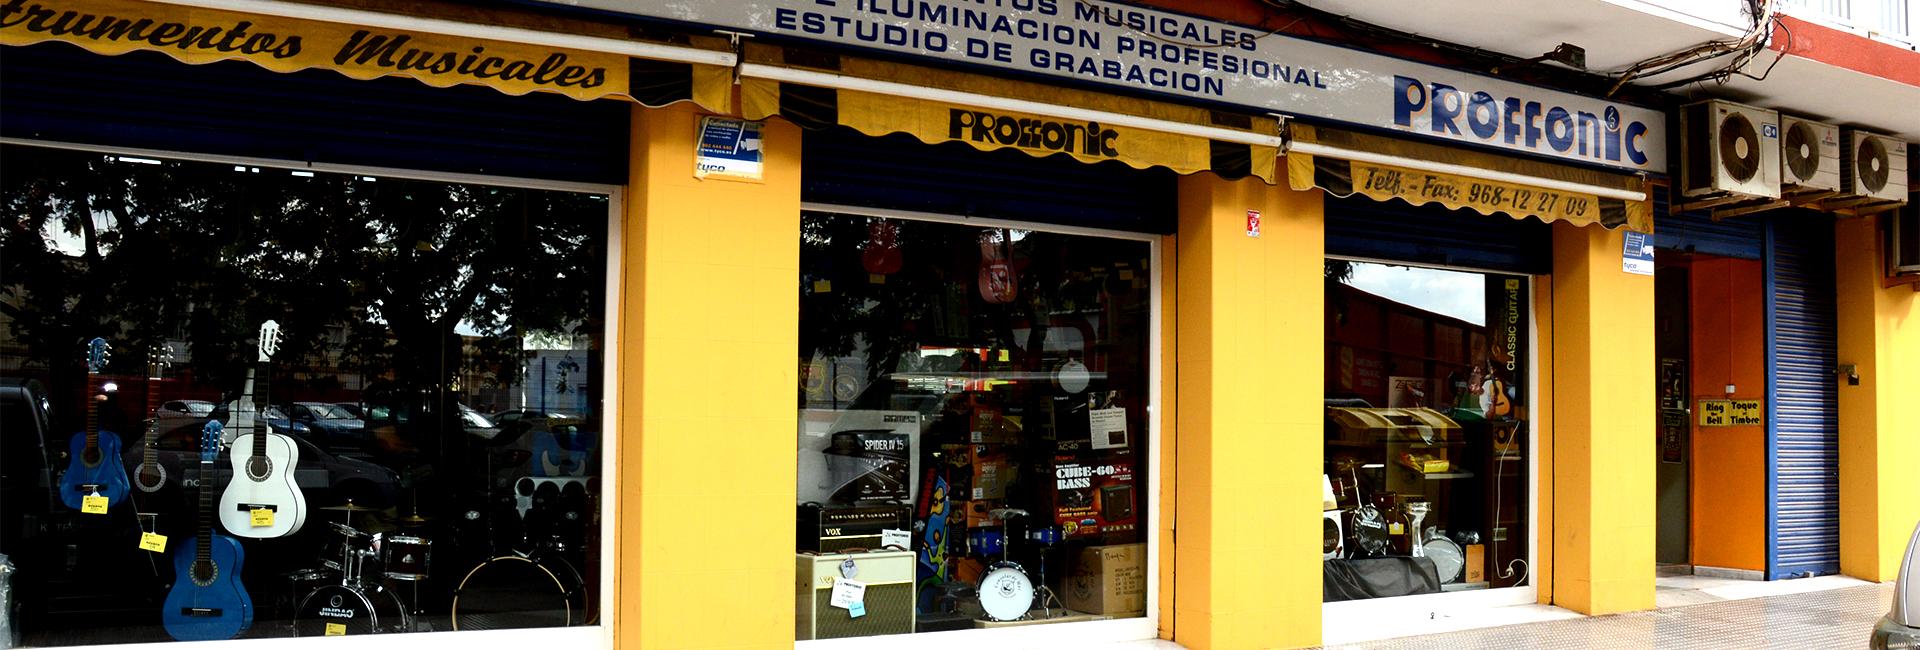 Bienvenidos a Proffonic.es